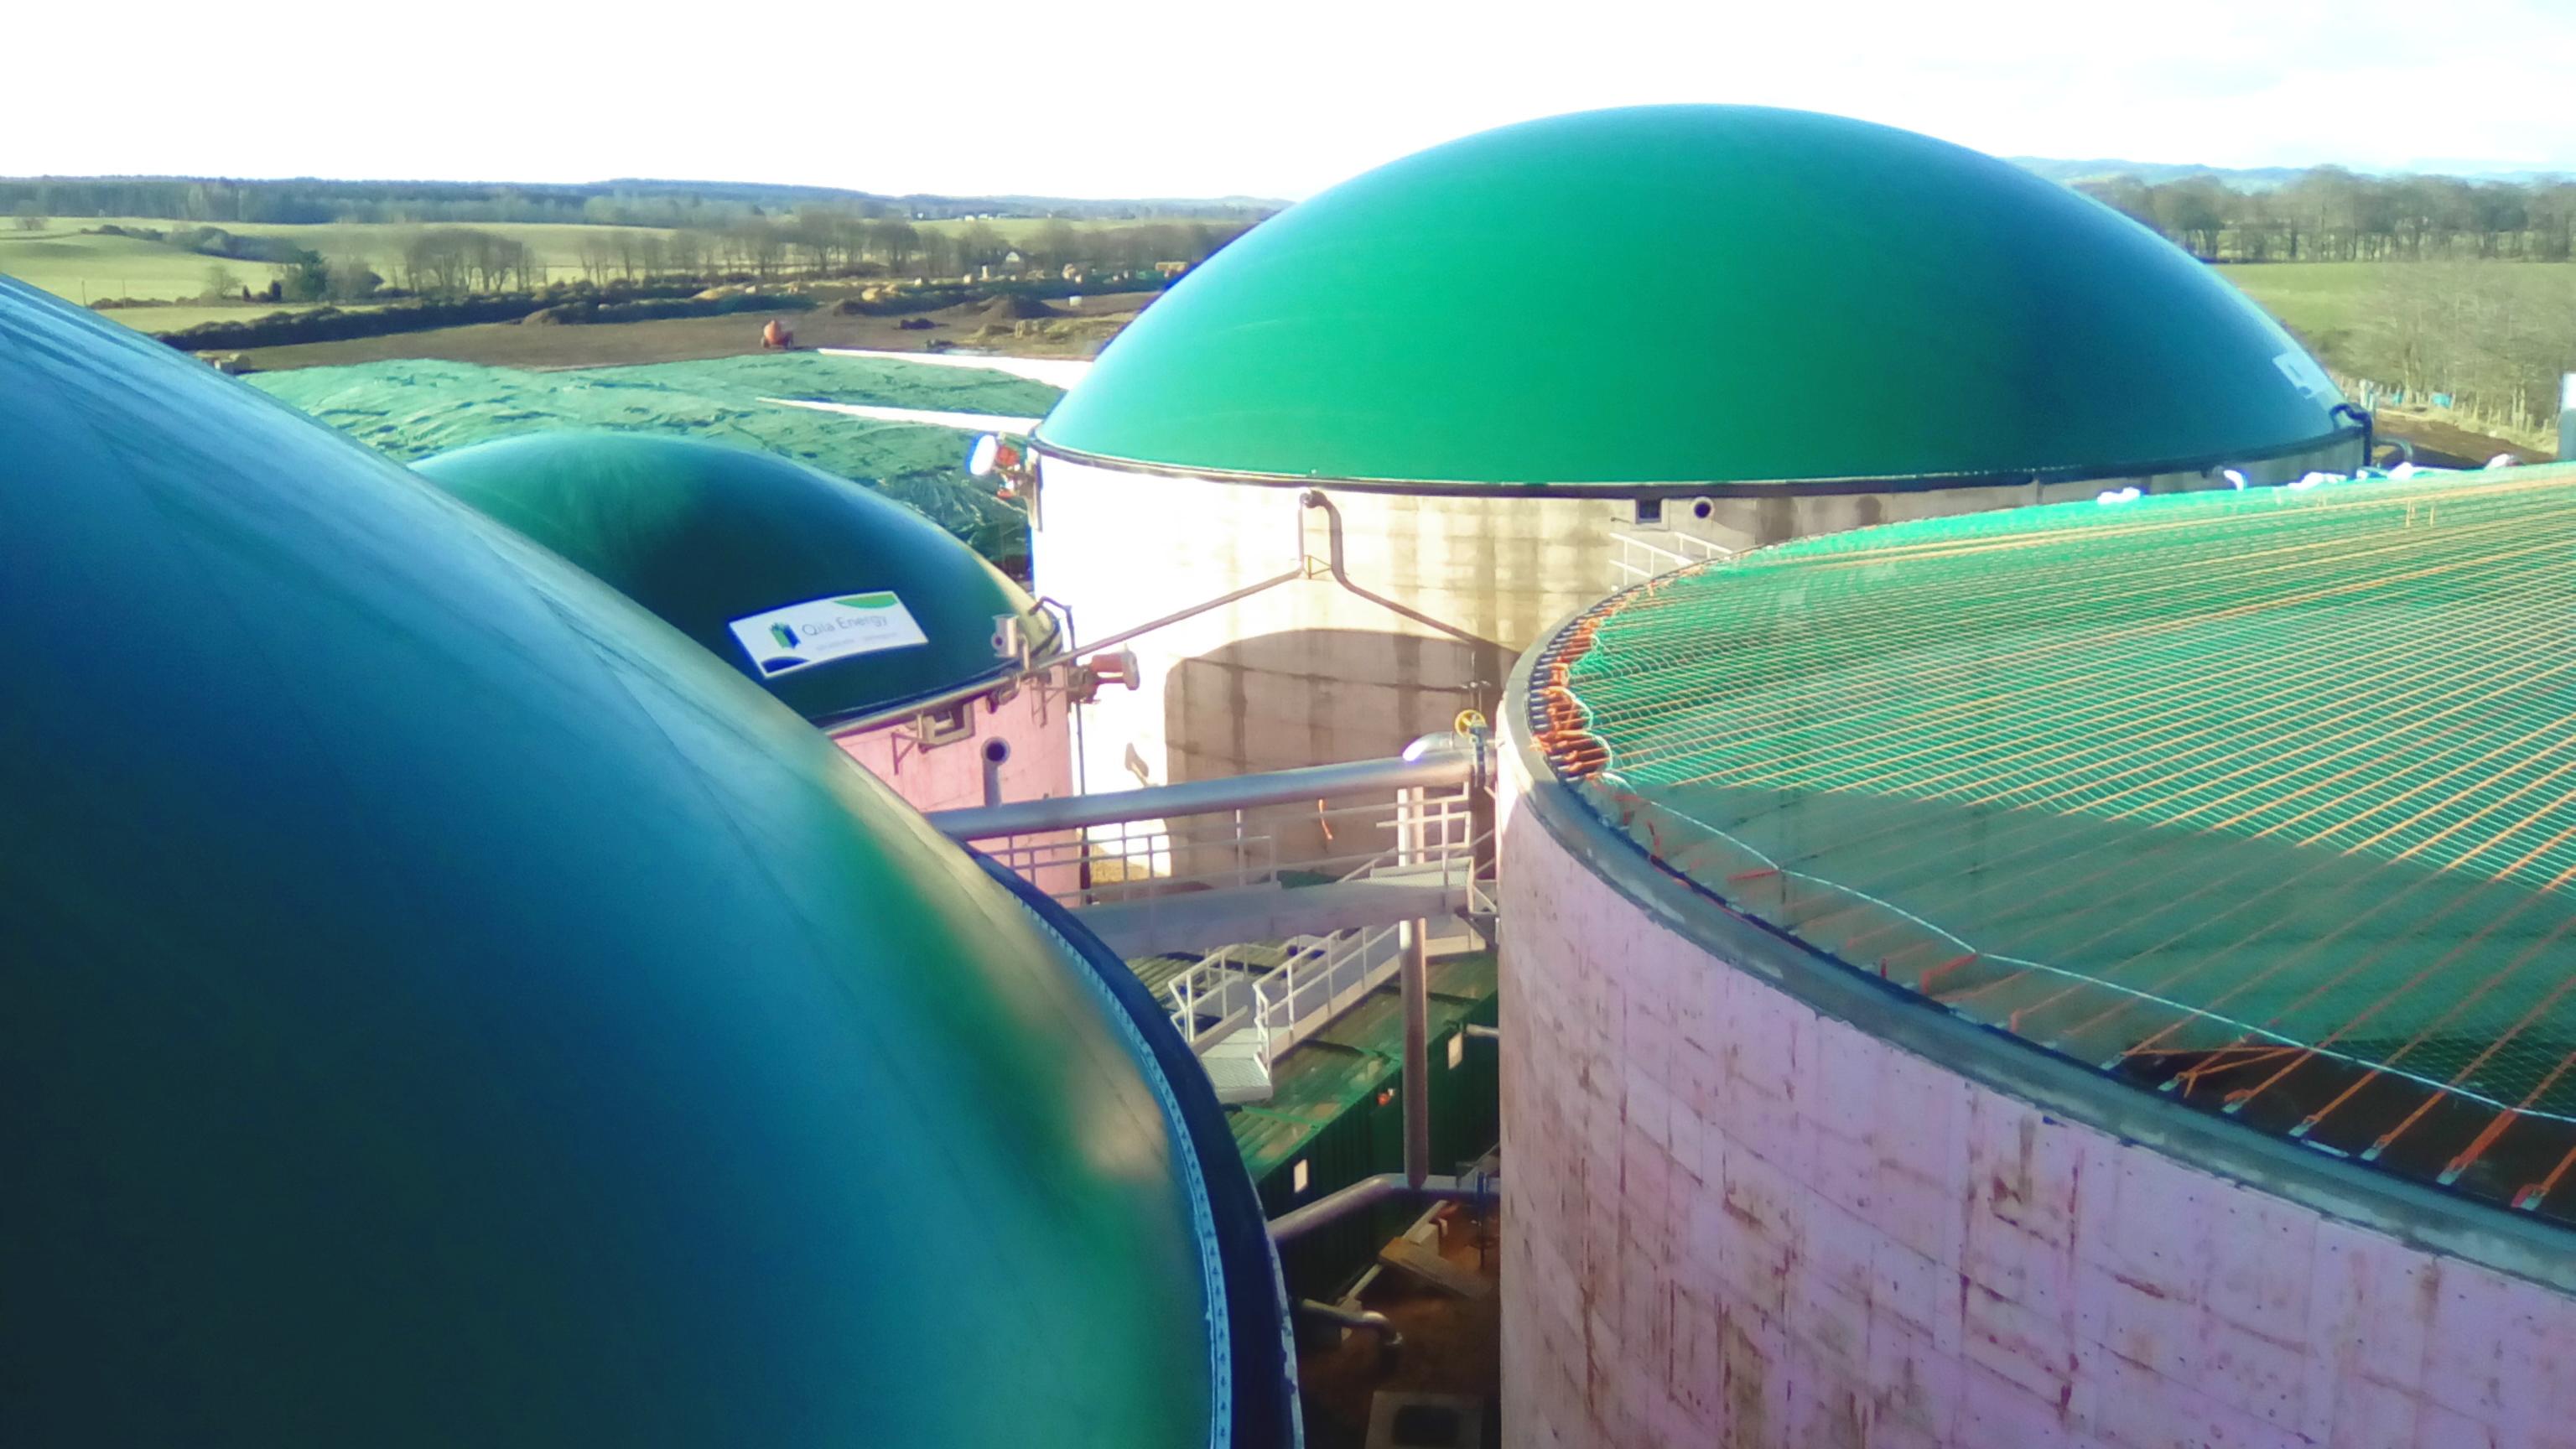 Biogas Tornagrain United Kingdom Instalación de gasómetros 02-Planta de Biogás de 1MW en Tornagrain Reino Unido